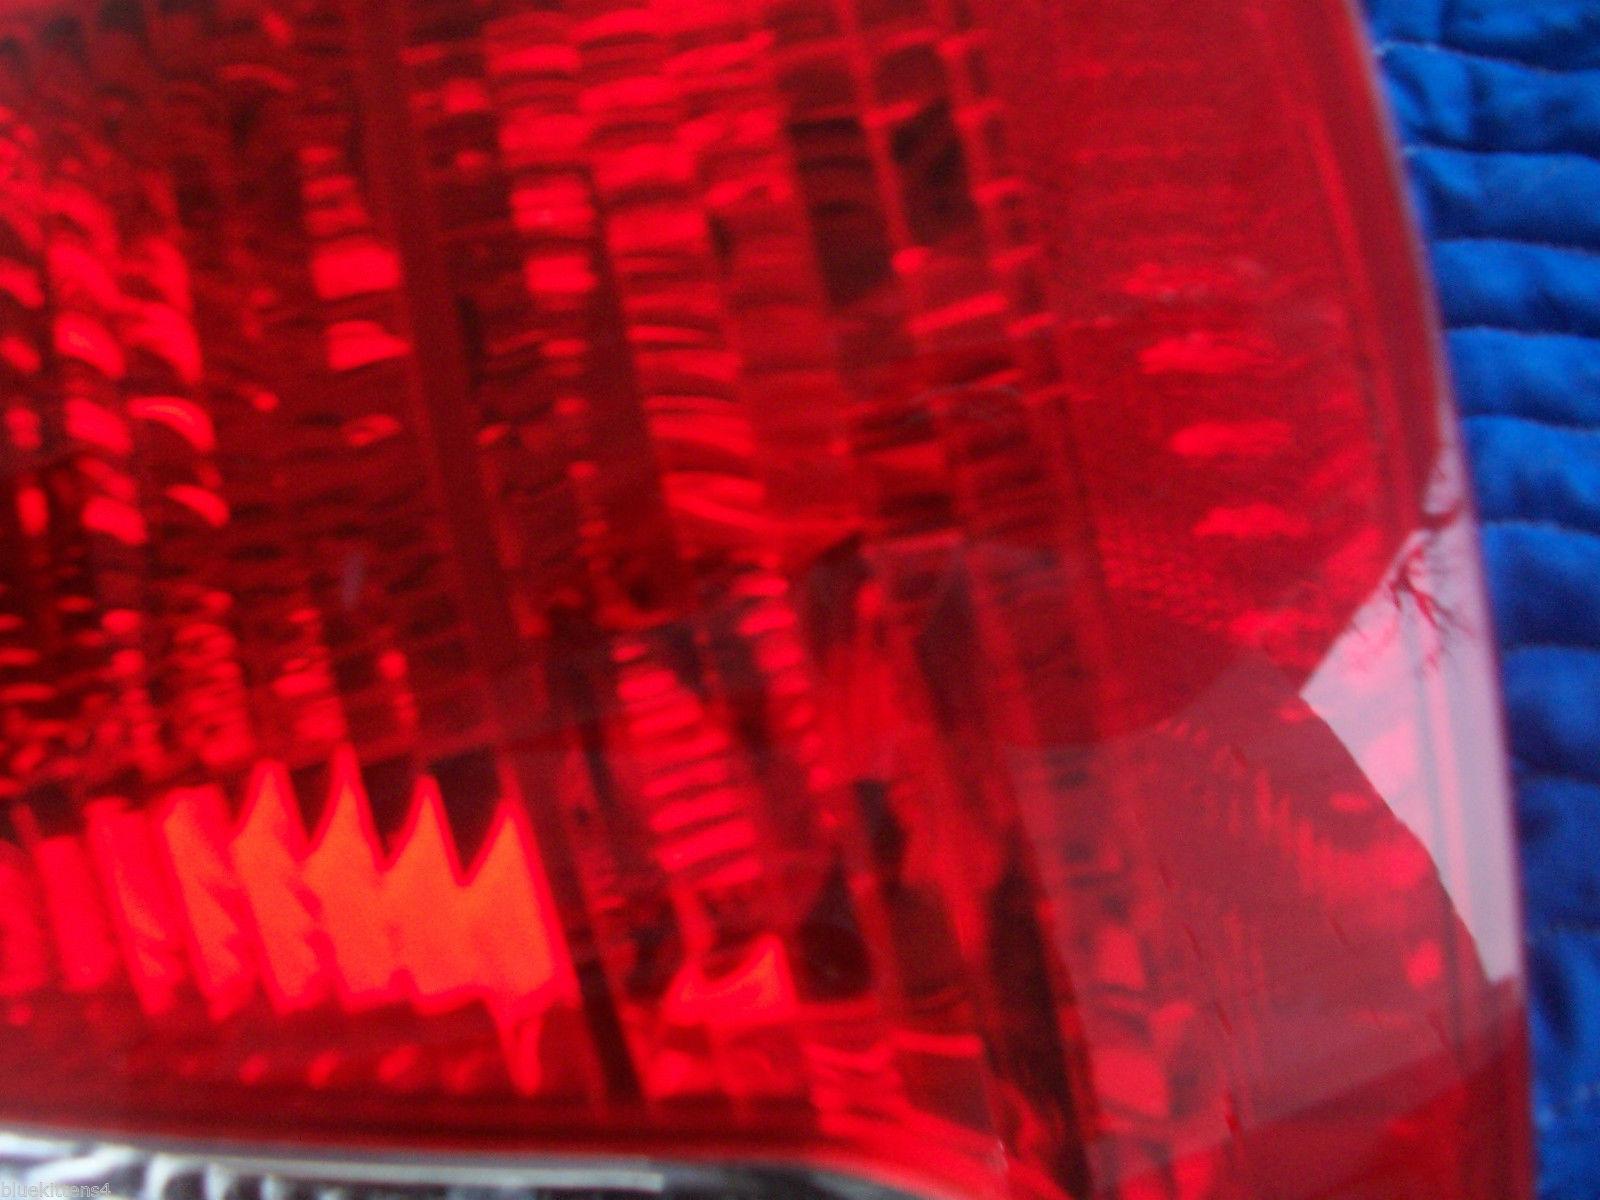 2007 ACCENT 4 DOOR RIGHT TAILLIGHT OEM USED ORIGINAL HYUNDAI PART 2008 2009 2010